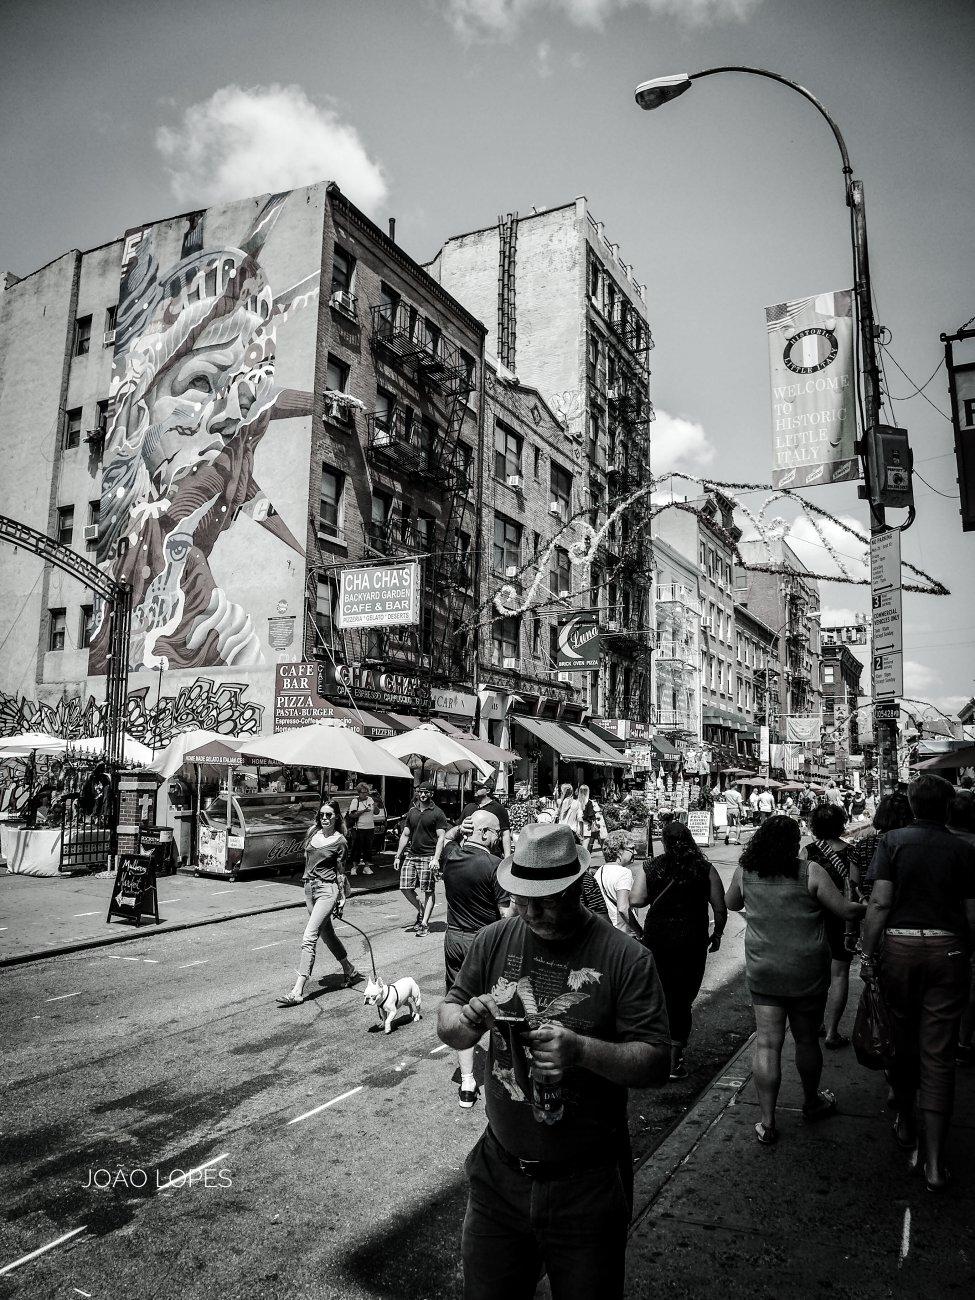 Ny street life